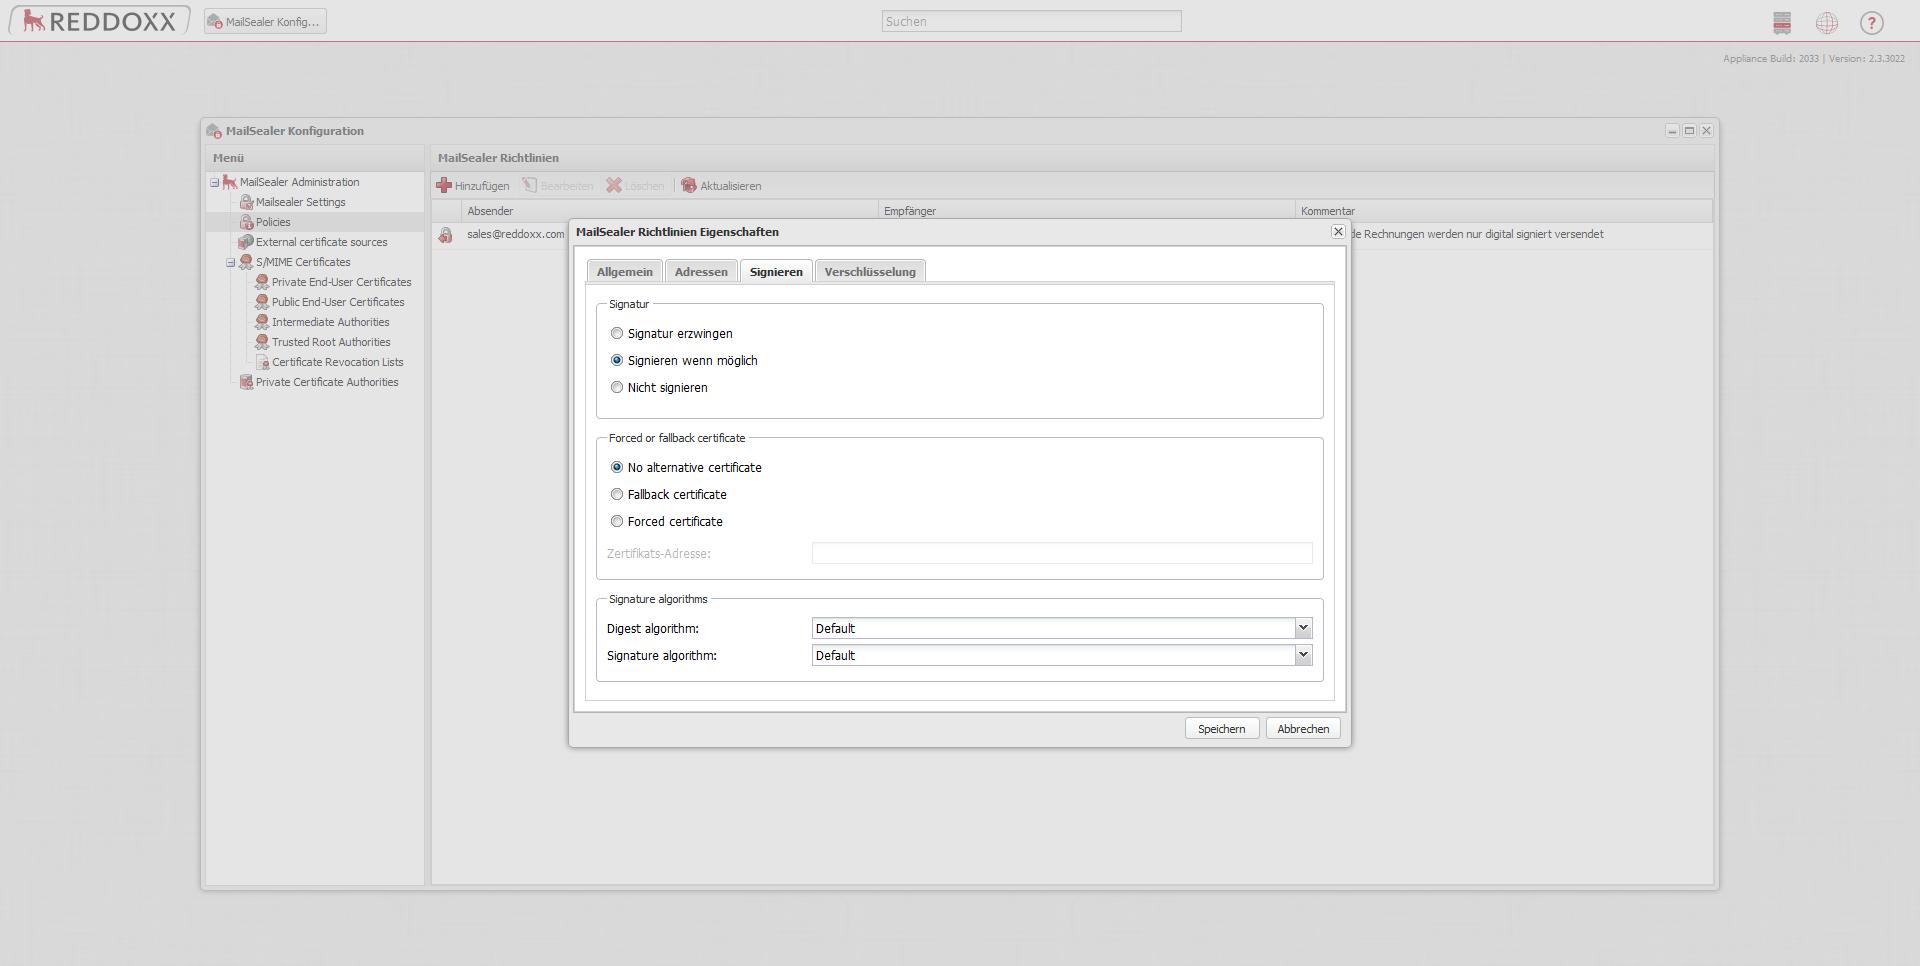 Die digitale Signatur soll in diesem Beispiel nur optional sein. Ist es möglich, soll die E-Mail digital signiert werden. Ist es nicht möglich, kann darauf verzichtet werden